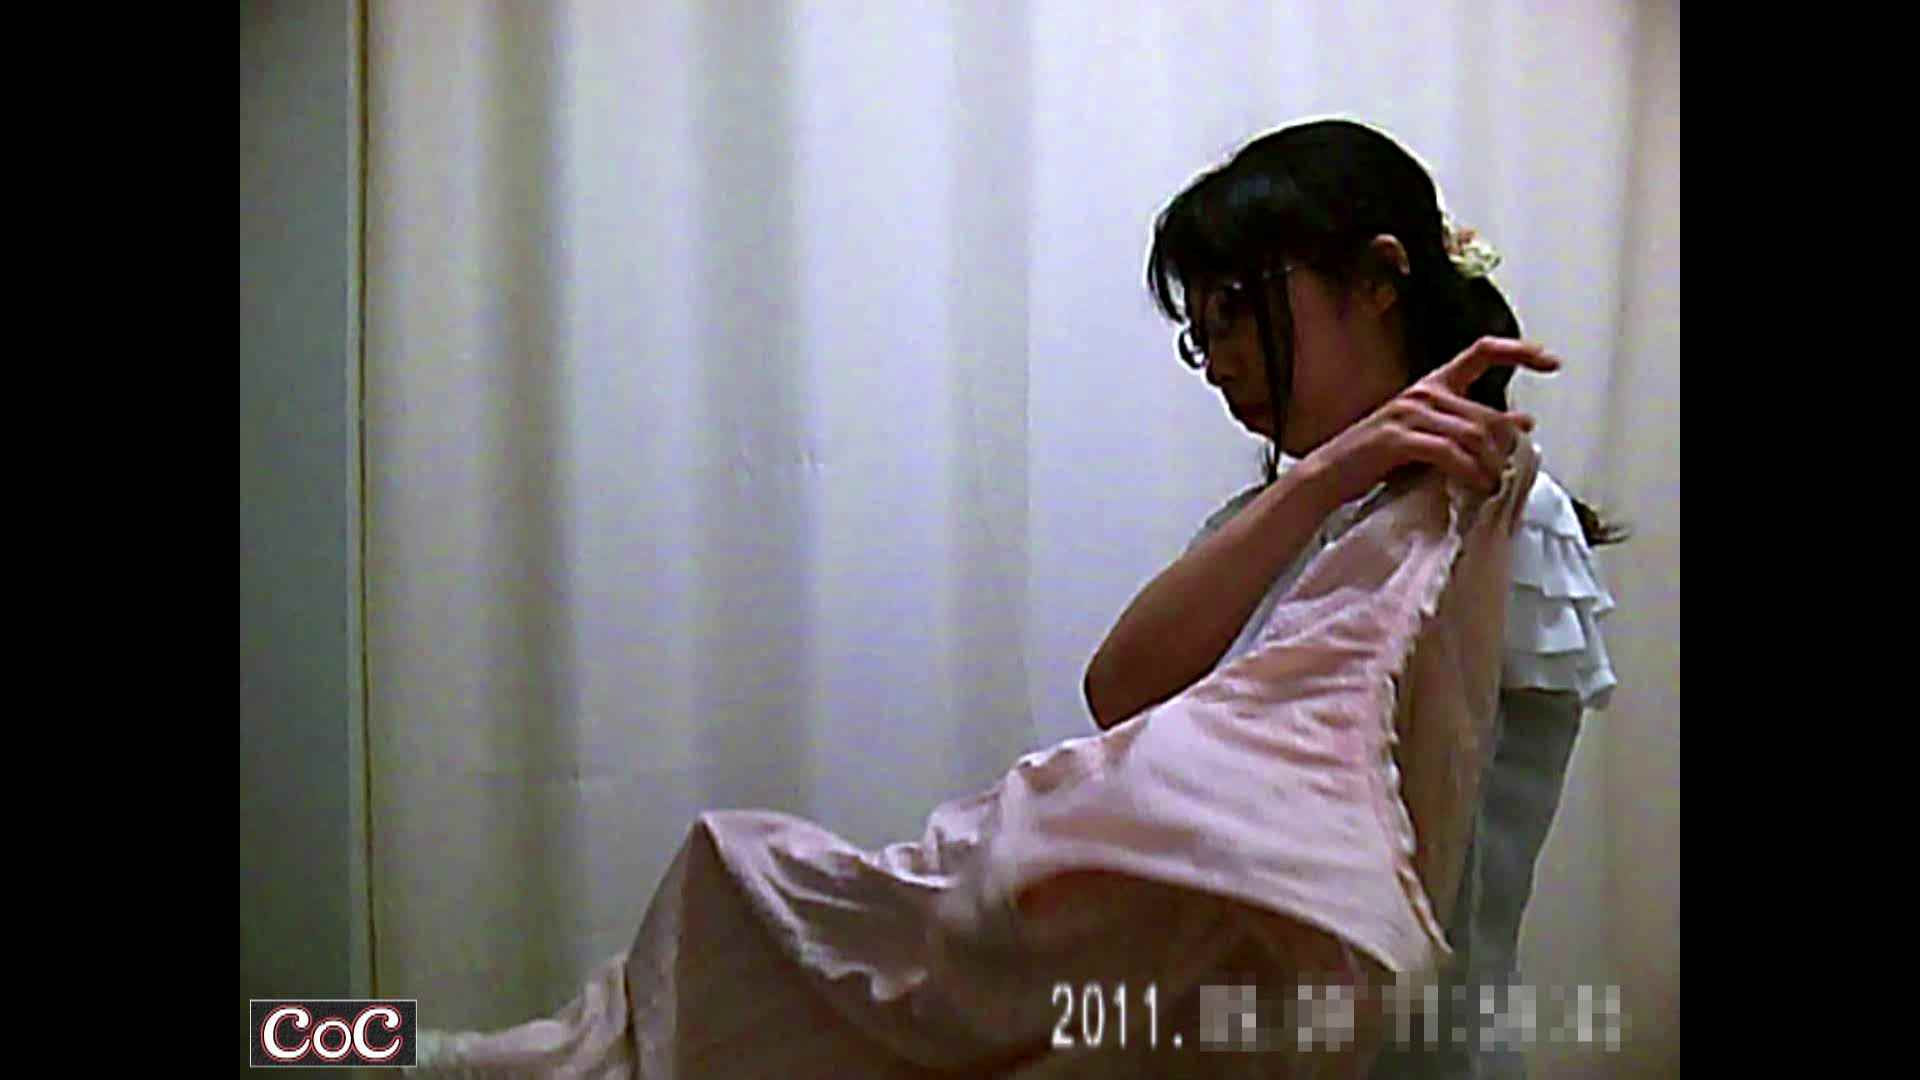 病院おもいっきり着替え! vol.23 おっぱい おめこ無修正画像 94pic 46